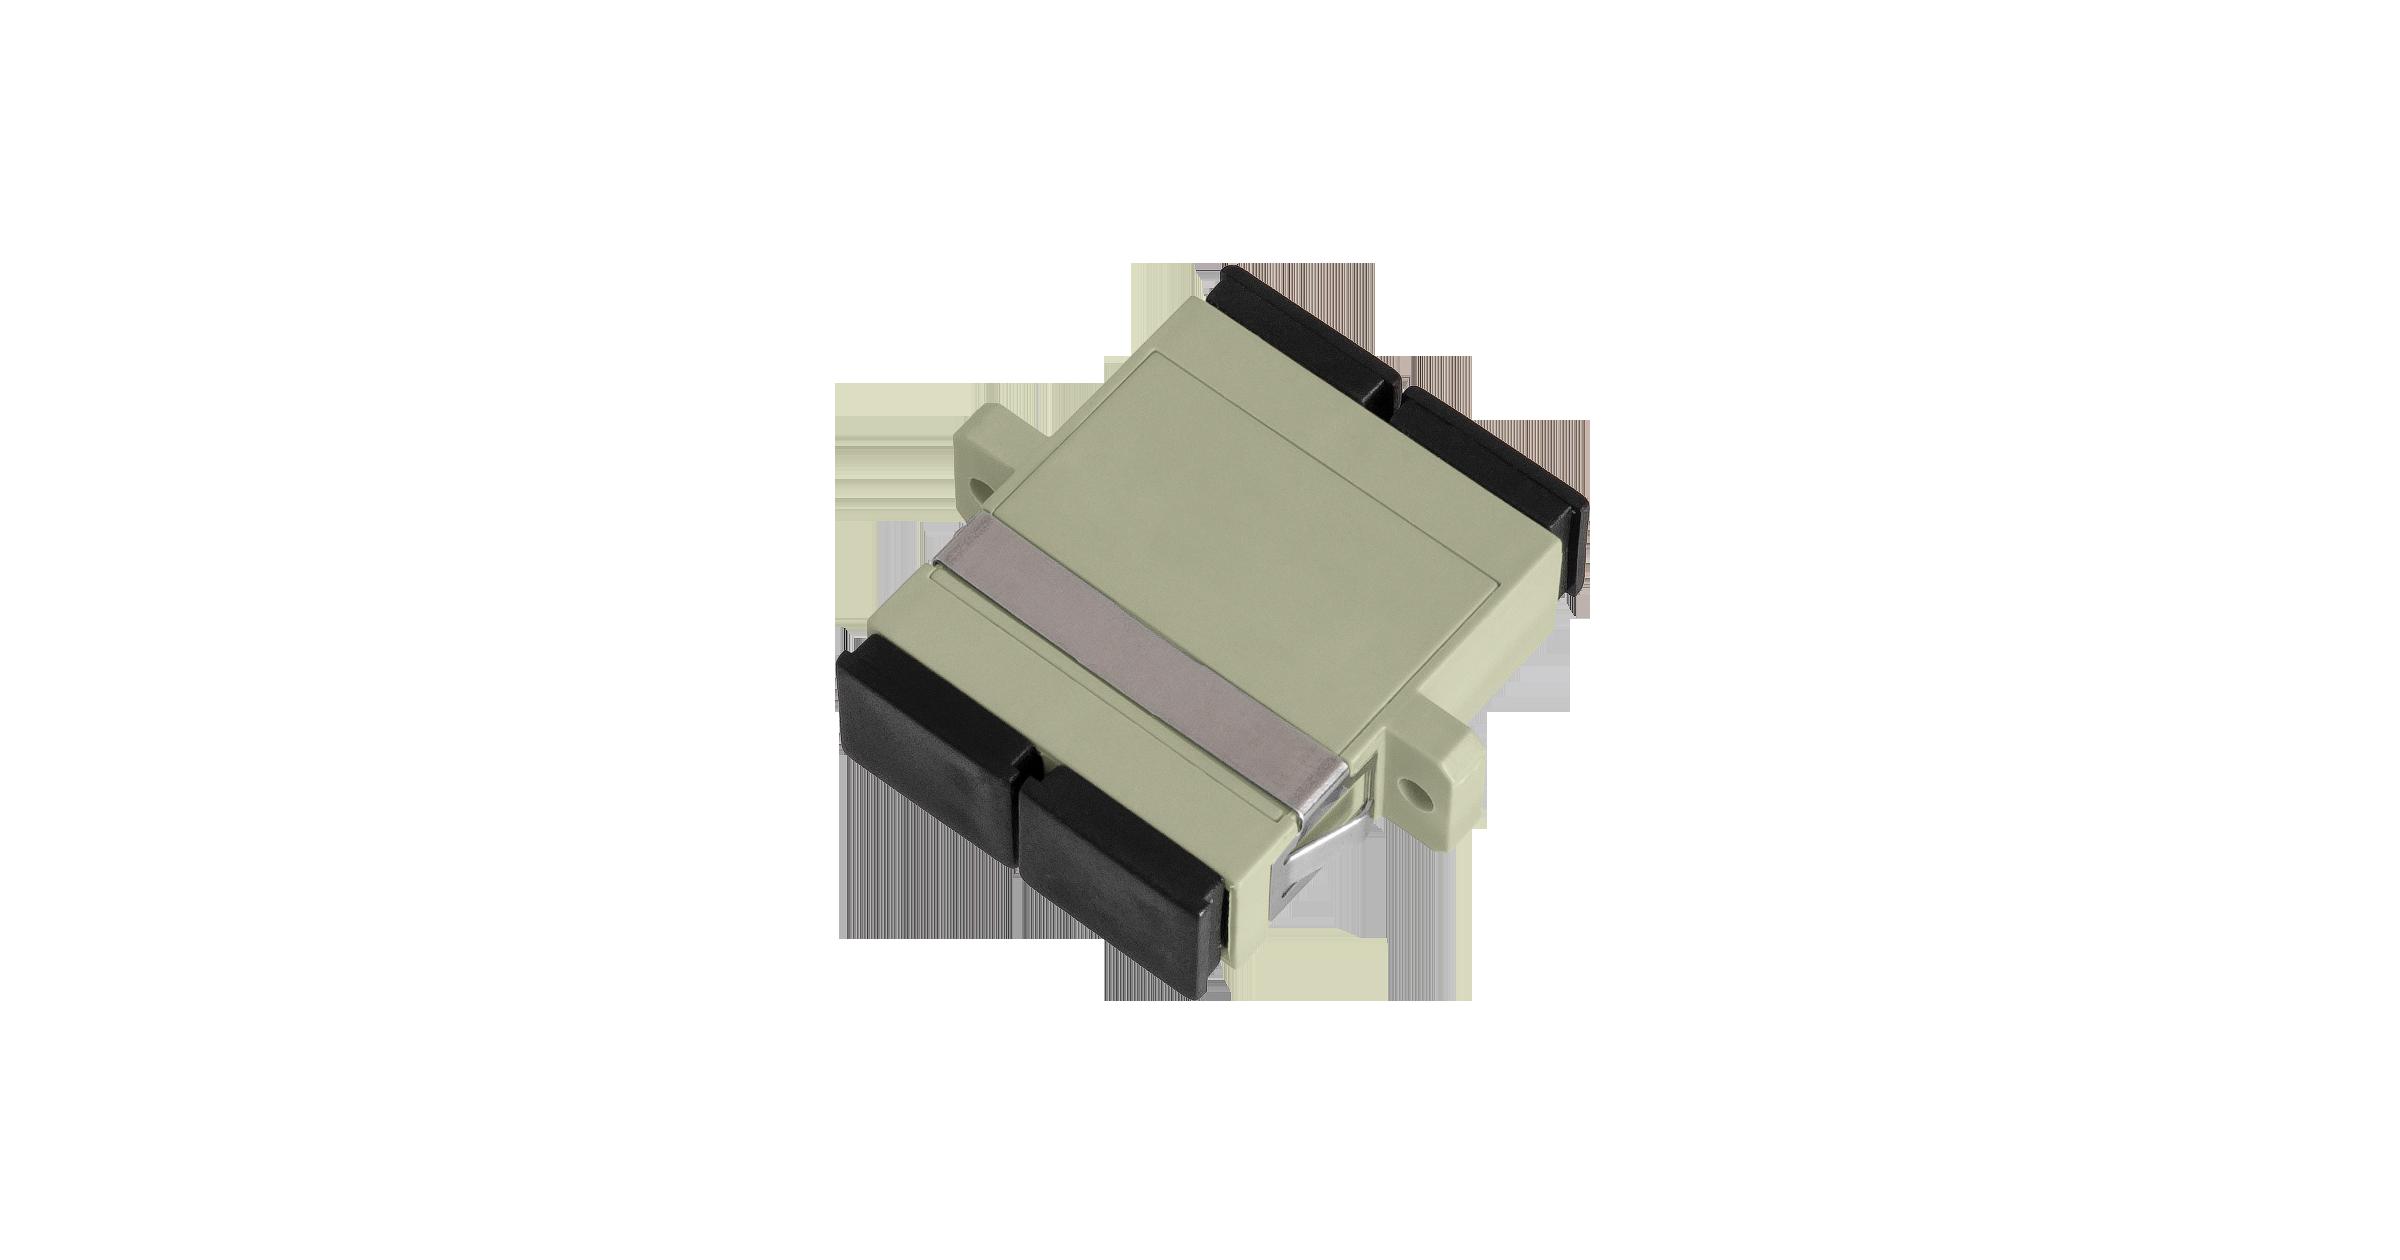 Адаптер NIKOMAX волоконно-оптический, соединительный, многомодовый, SC/UPC-SC/UPC, двойной, пластиковый, бежевый, уп-ка 2шт.